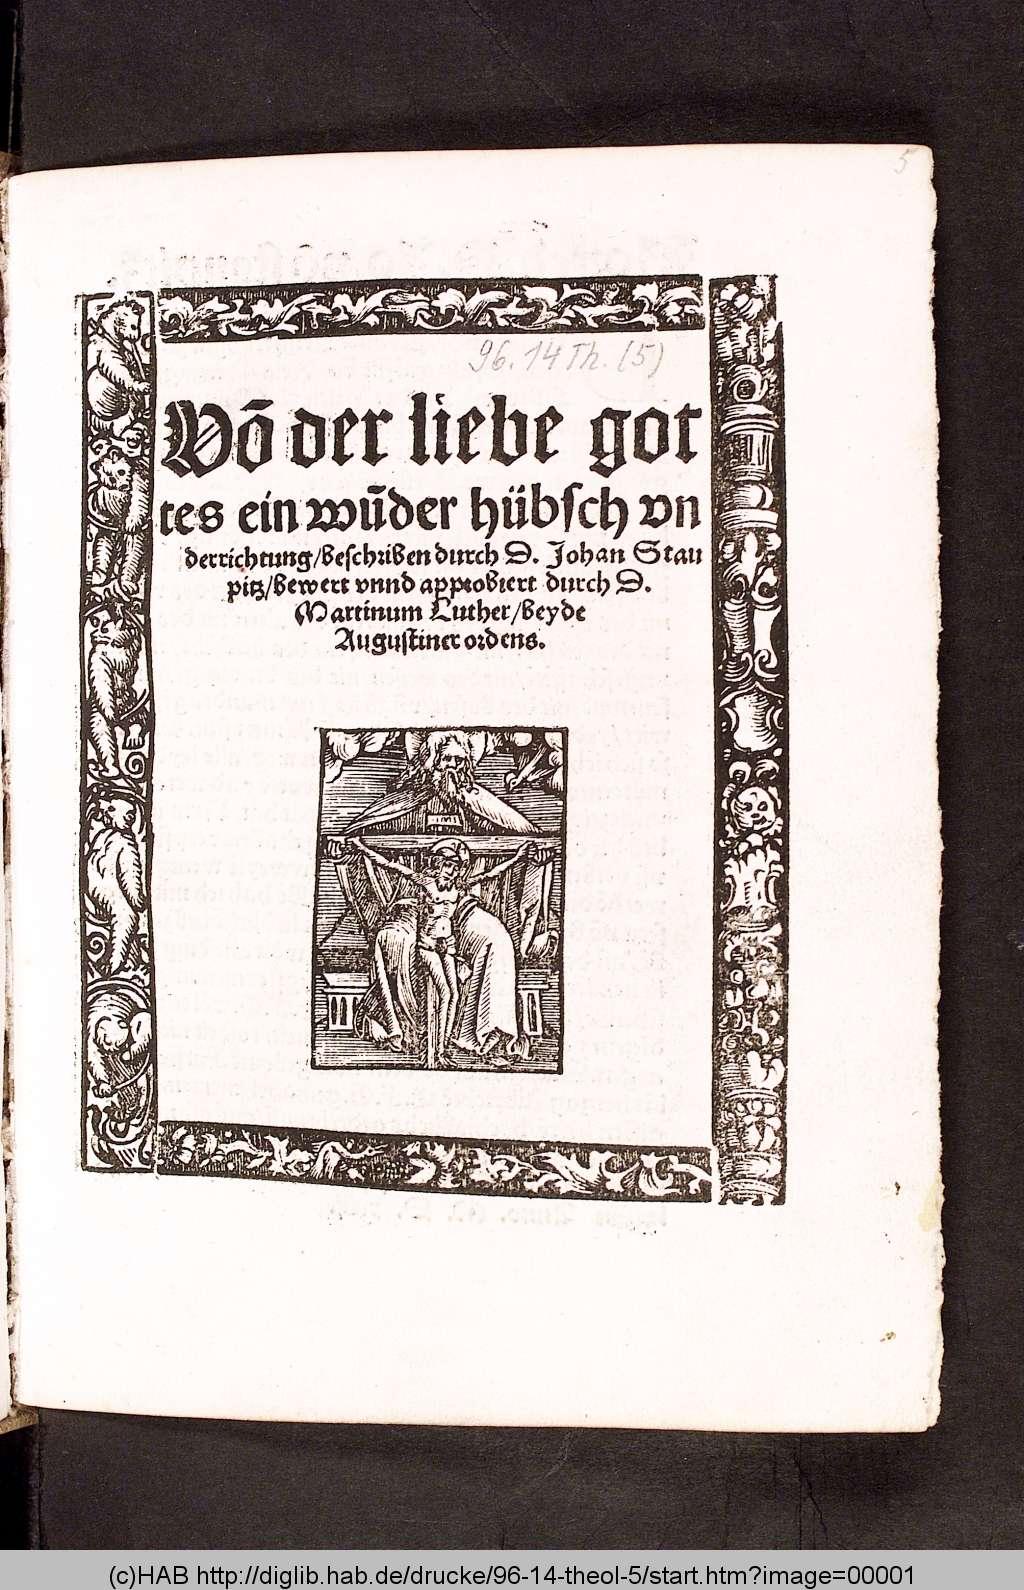 http://diglib.hab.de/drucke/96-14-theol-5/00001.jpg